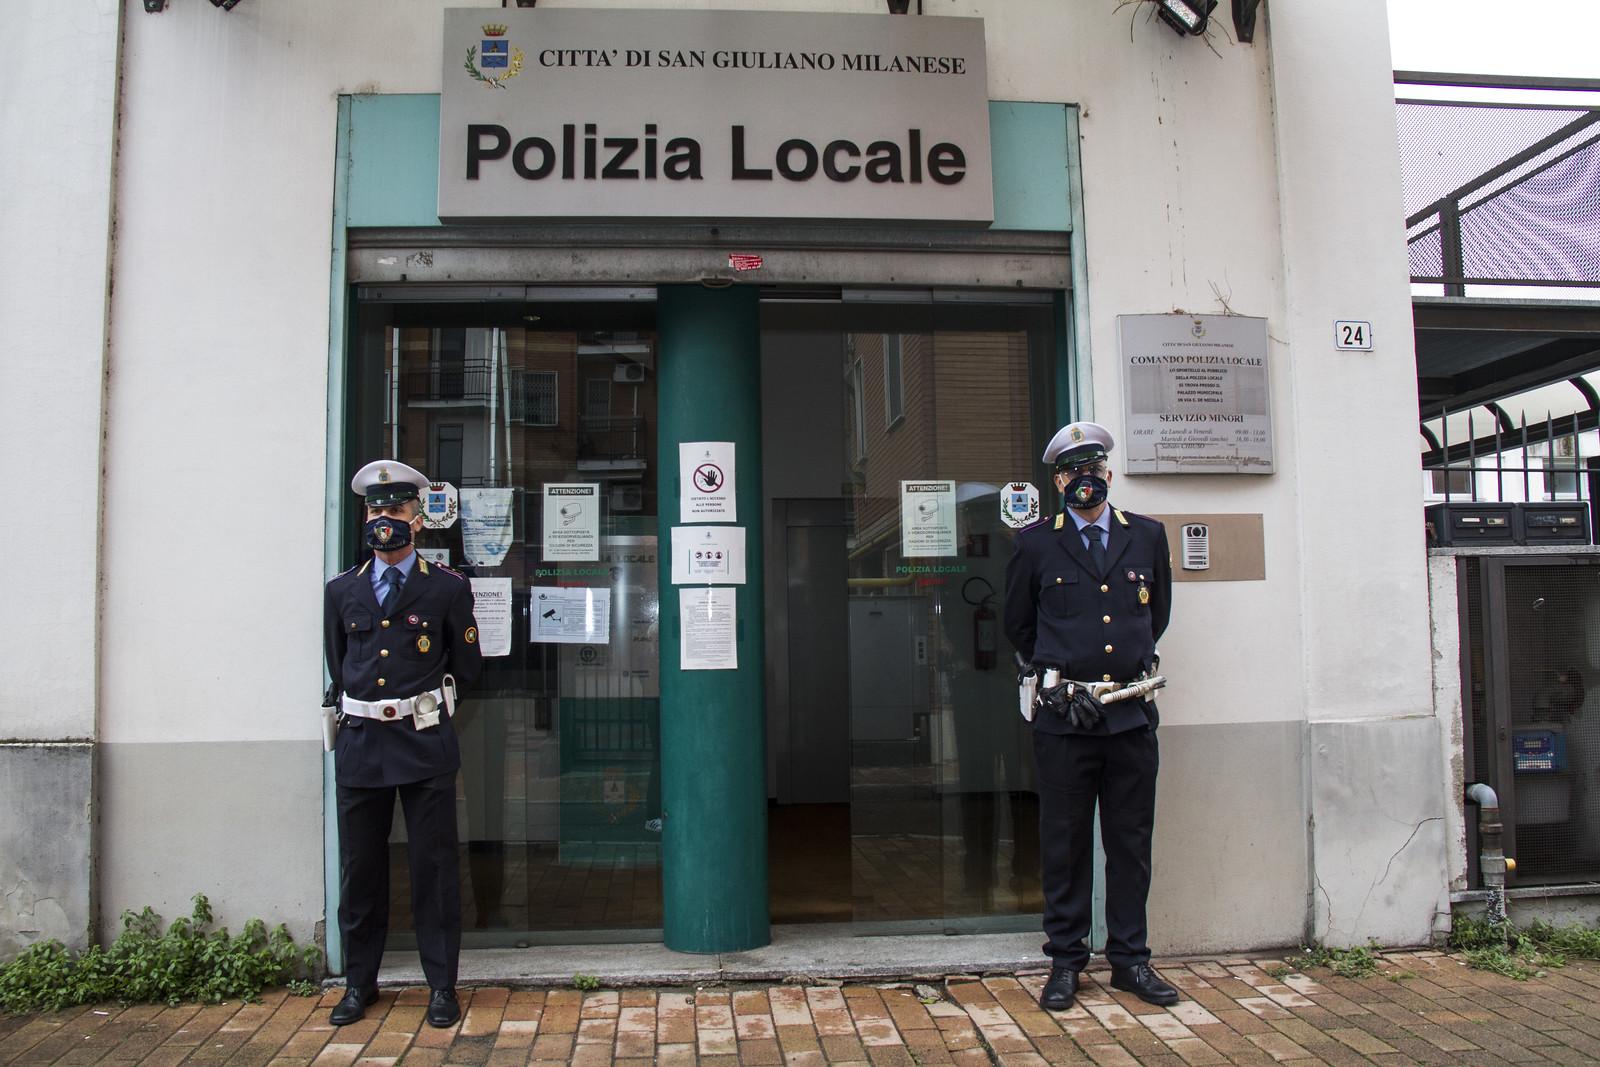 Murales in memoria di Falcone e Borsellino